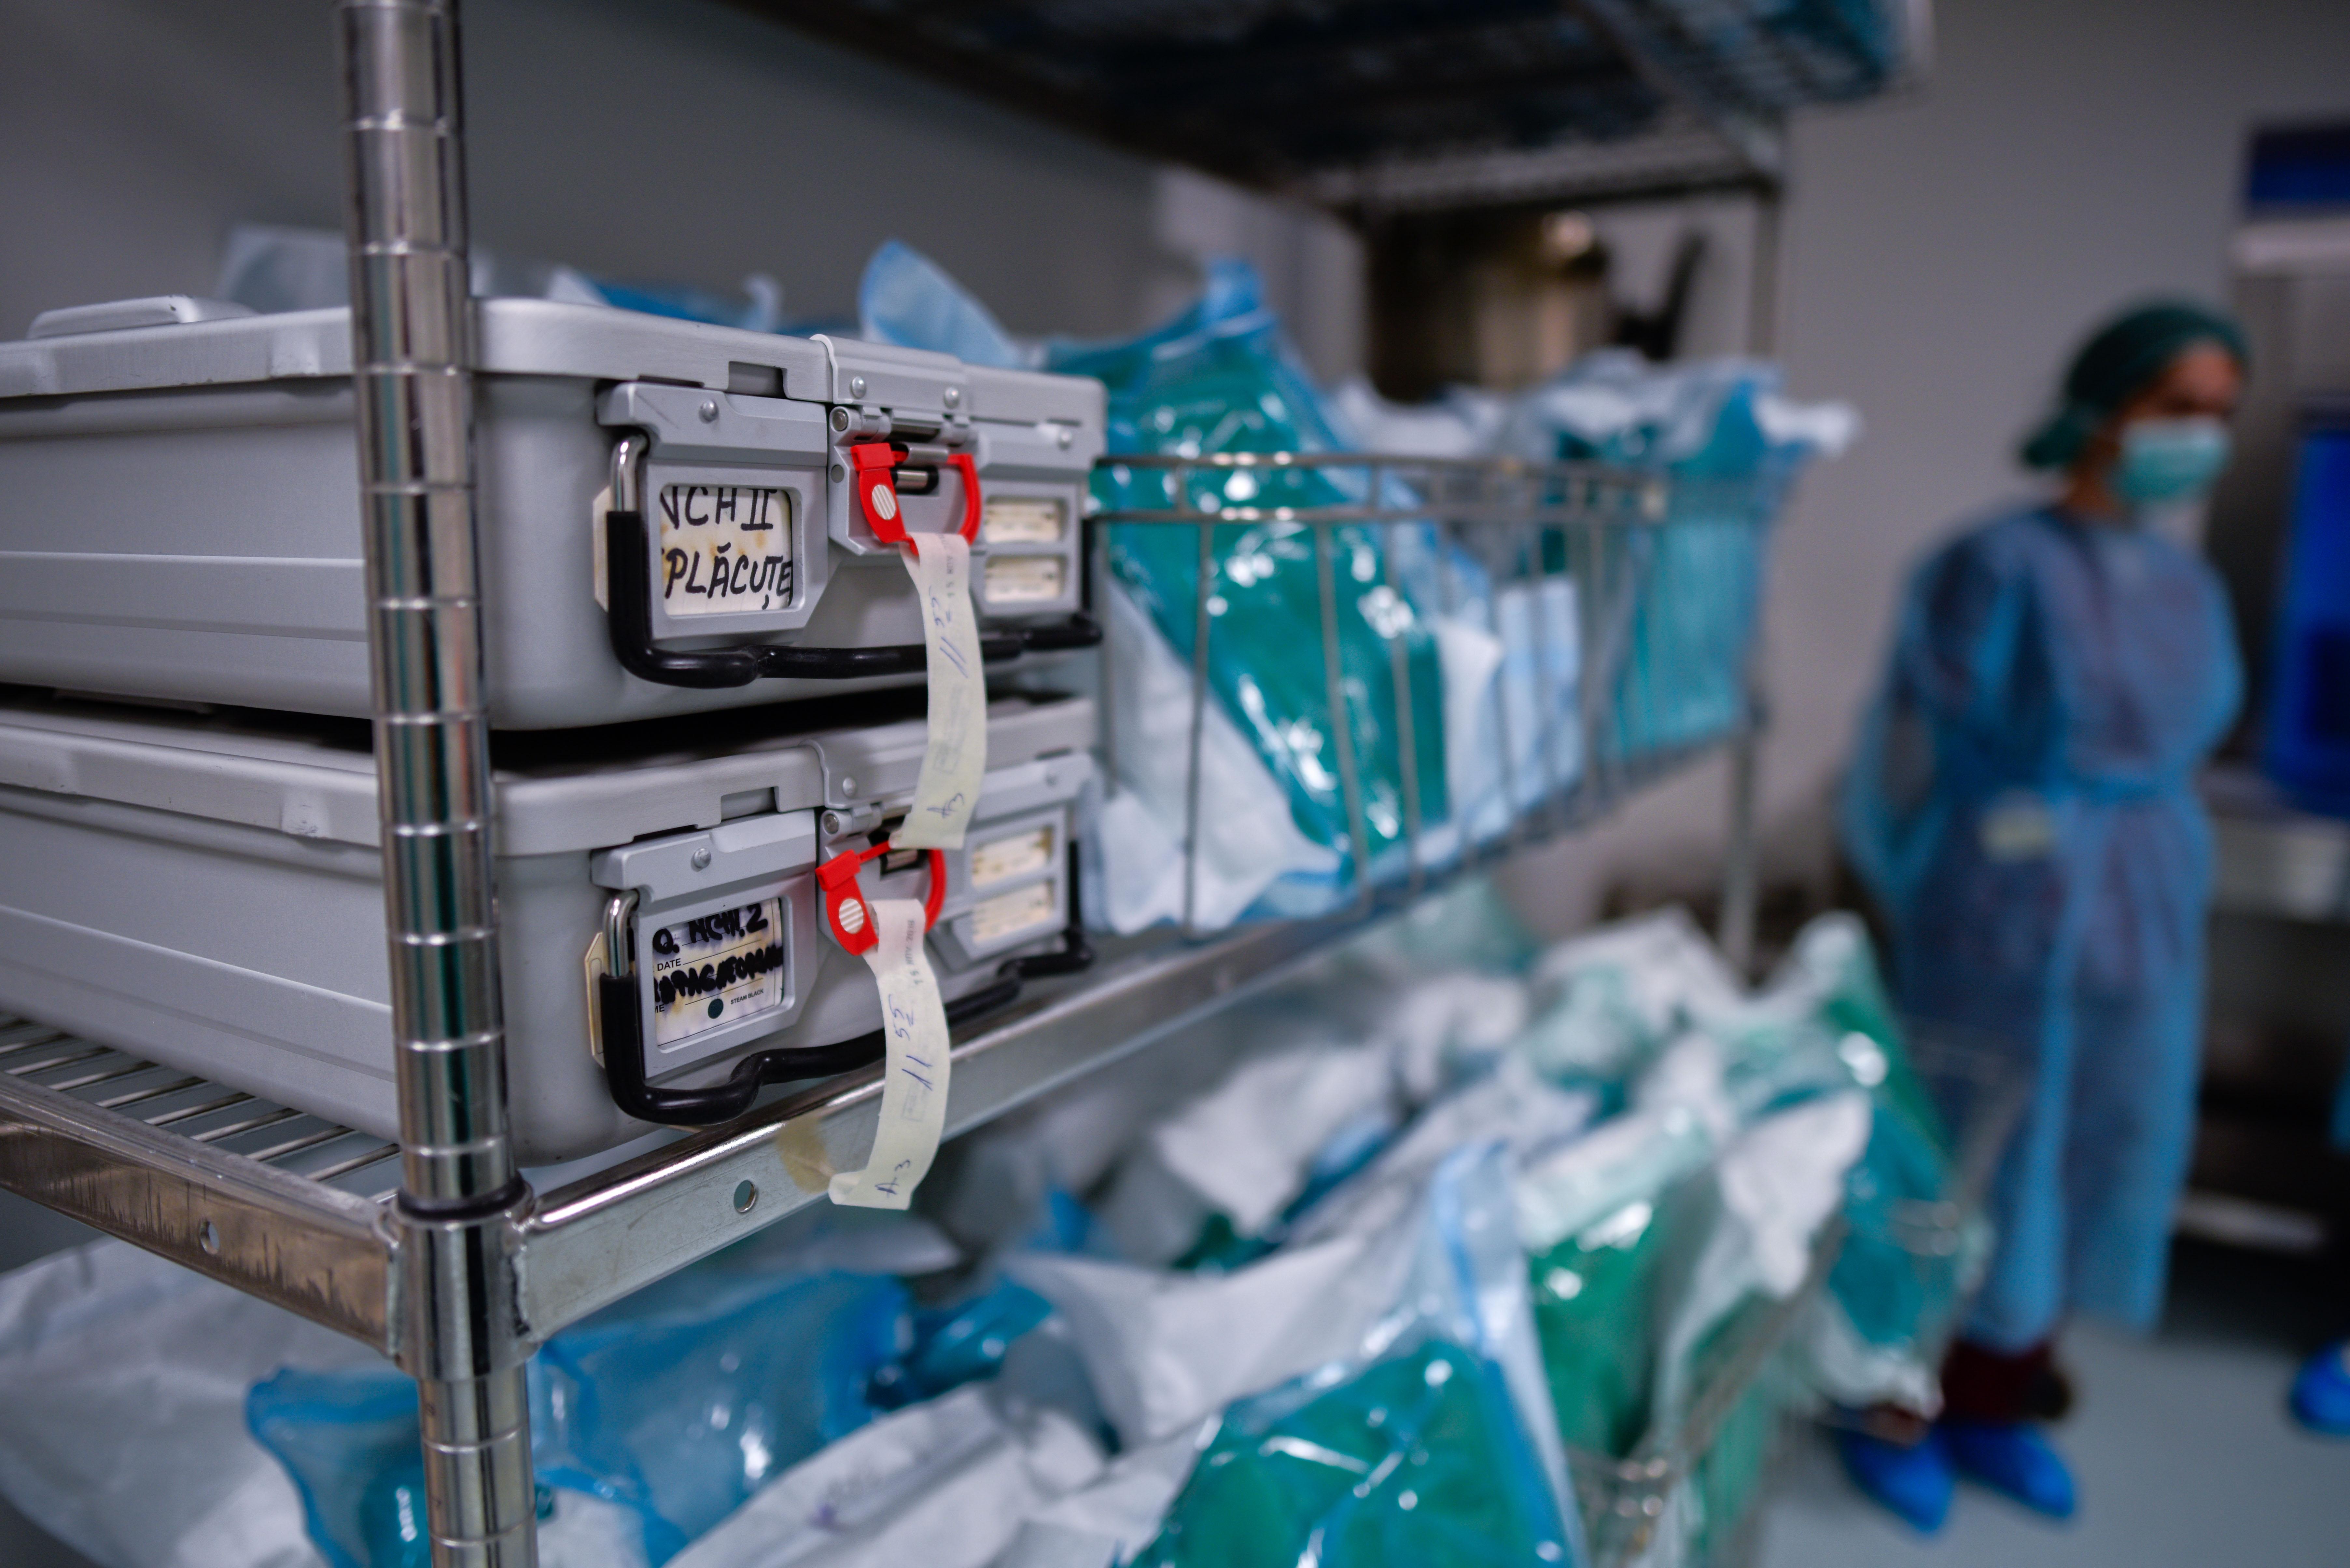 Atac informatic asupra mai multor spitale din România. Ce au descoperit specialiştii SRI